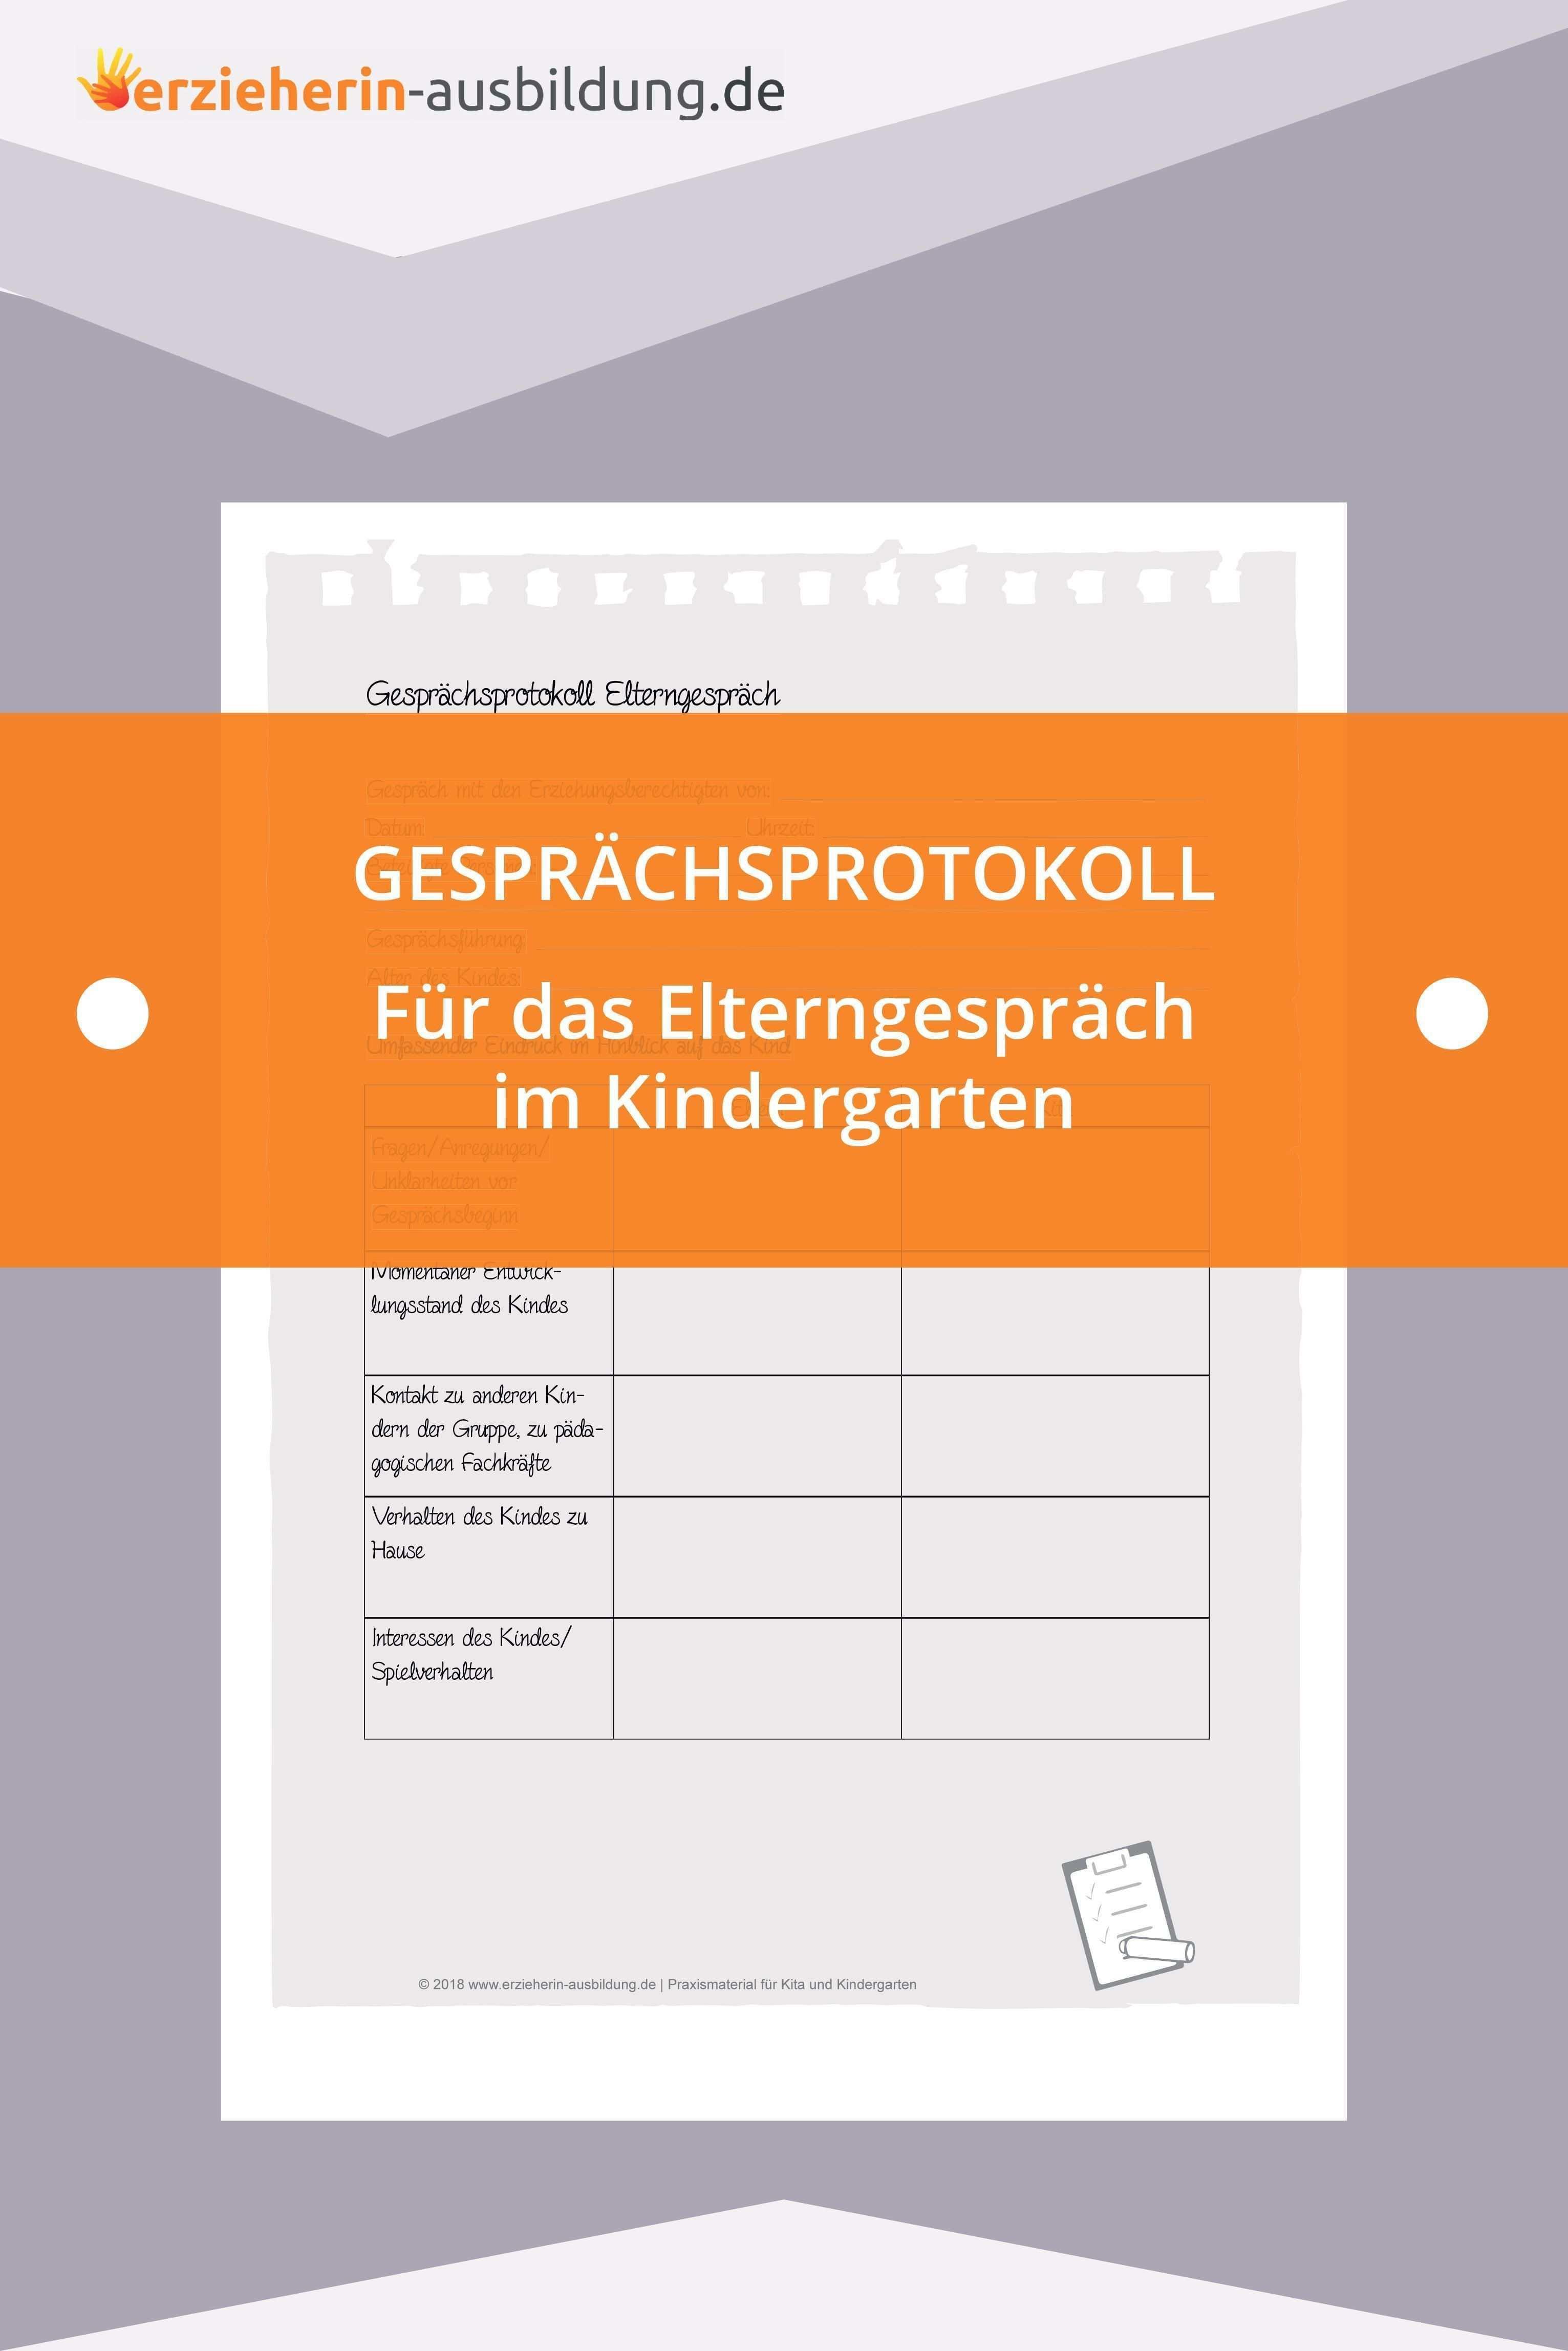 Elterngesprache Im Kindergarten Und In Der Kita So Funktioniert Es In 2020 Elterngesprach Kindergarten Erzieherausbildung